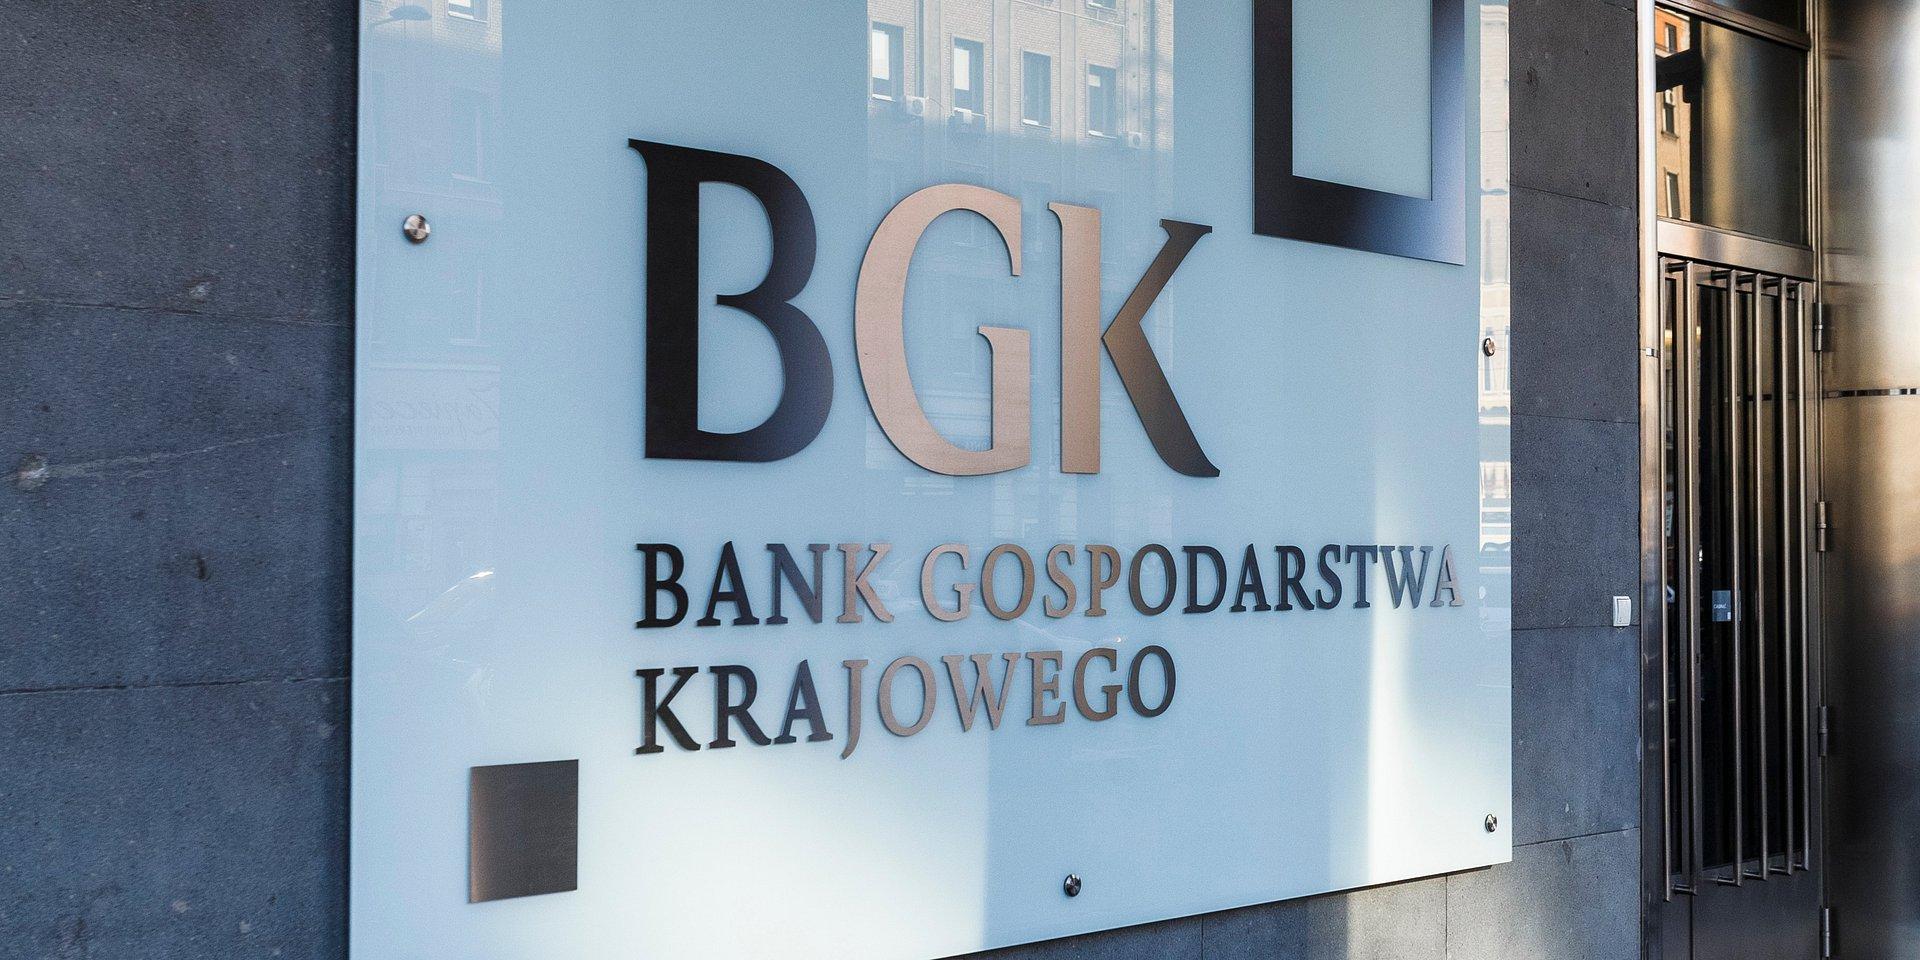 BGK / bgk.pl